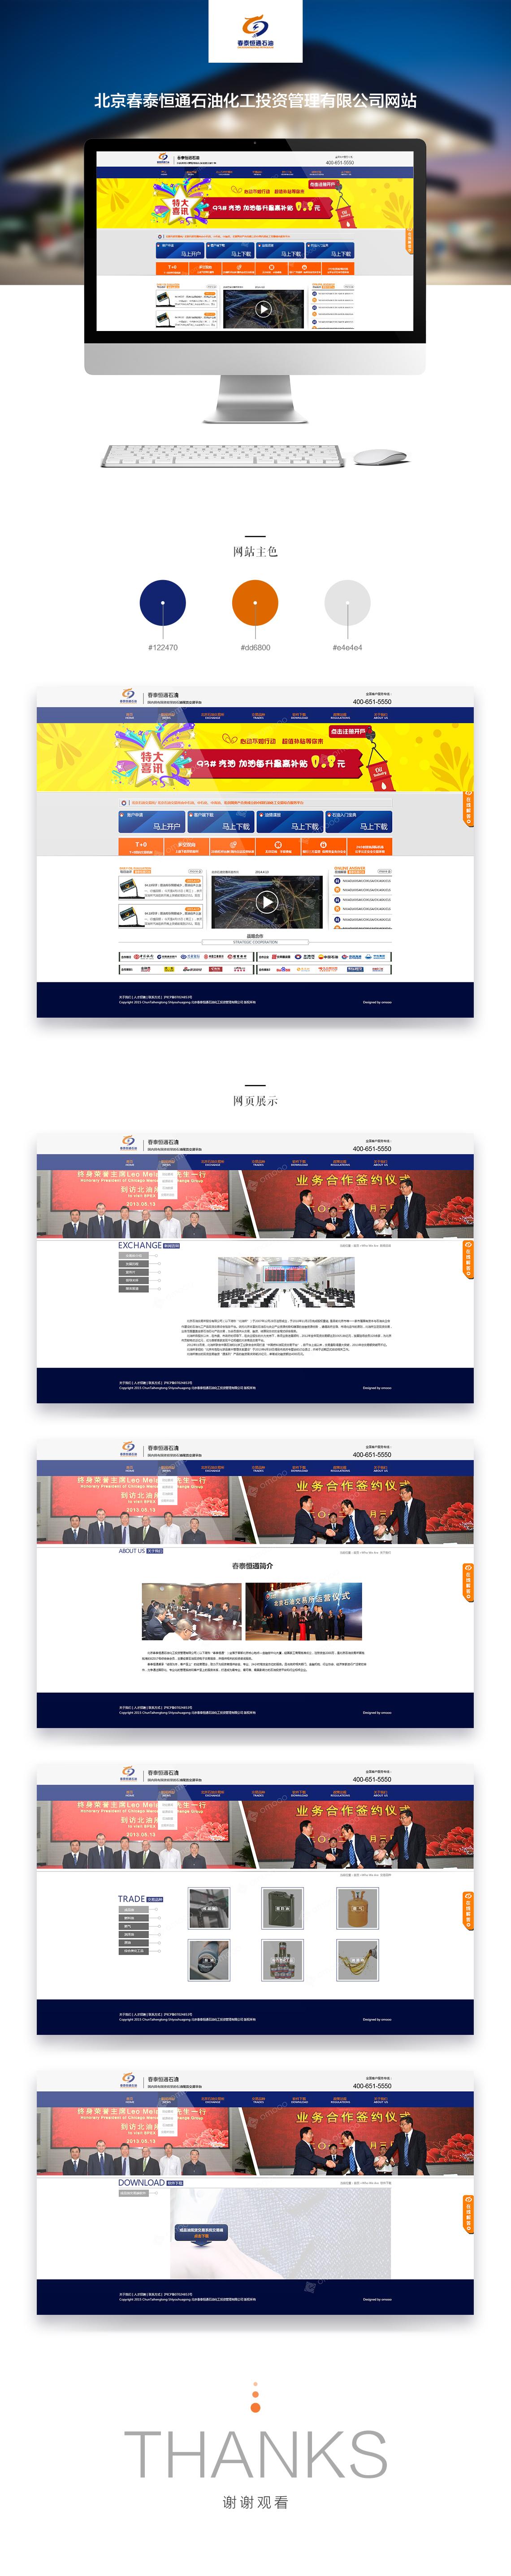 公司网站建设案例之春泰恒通石油化工投资管理公司